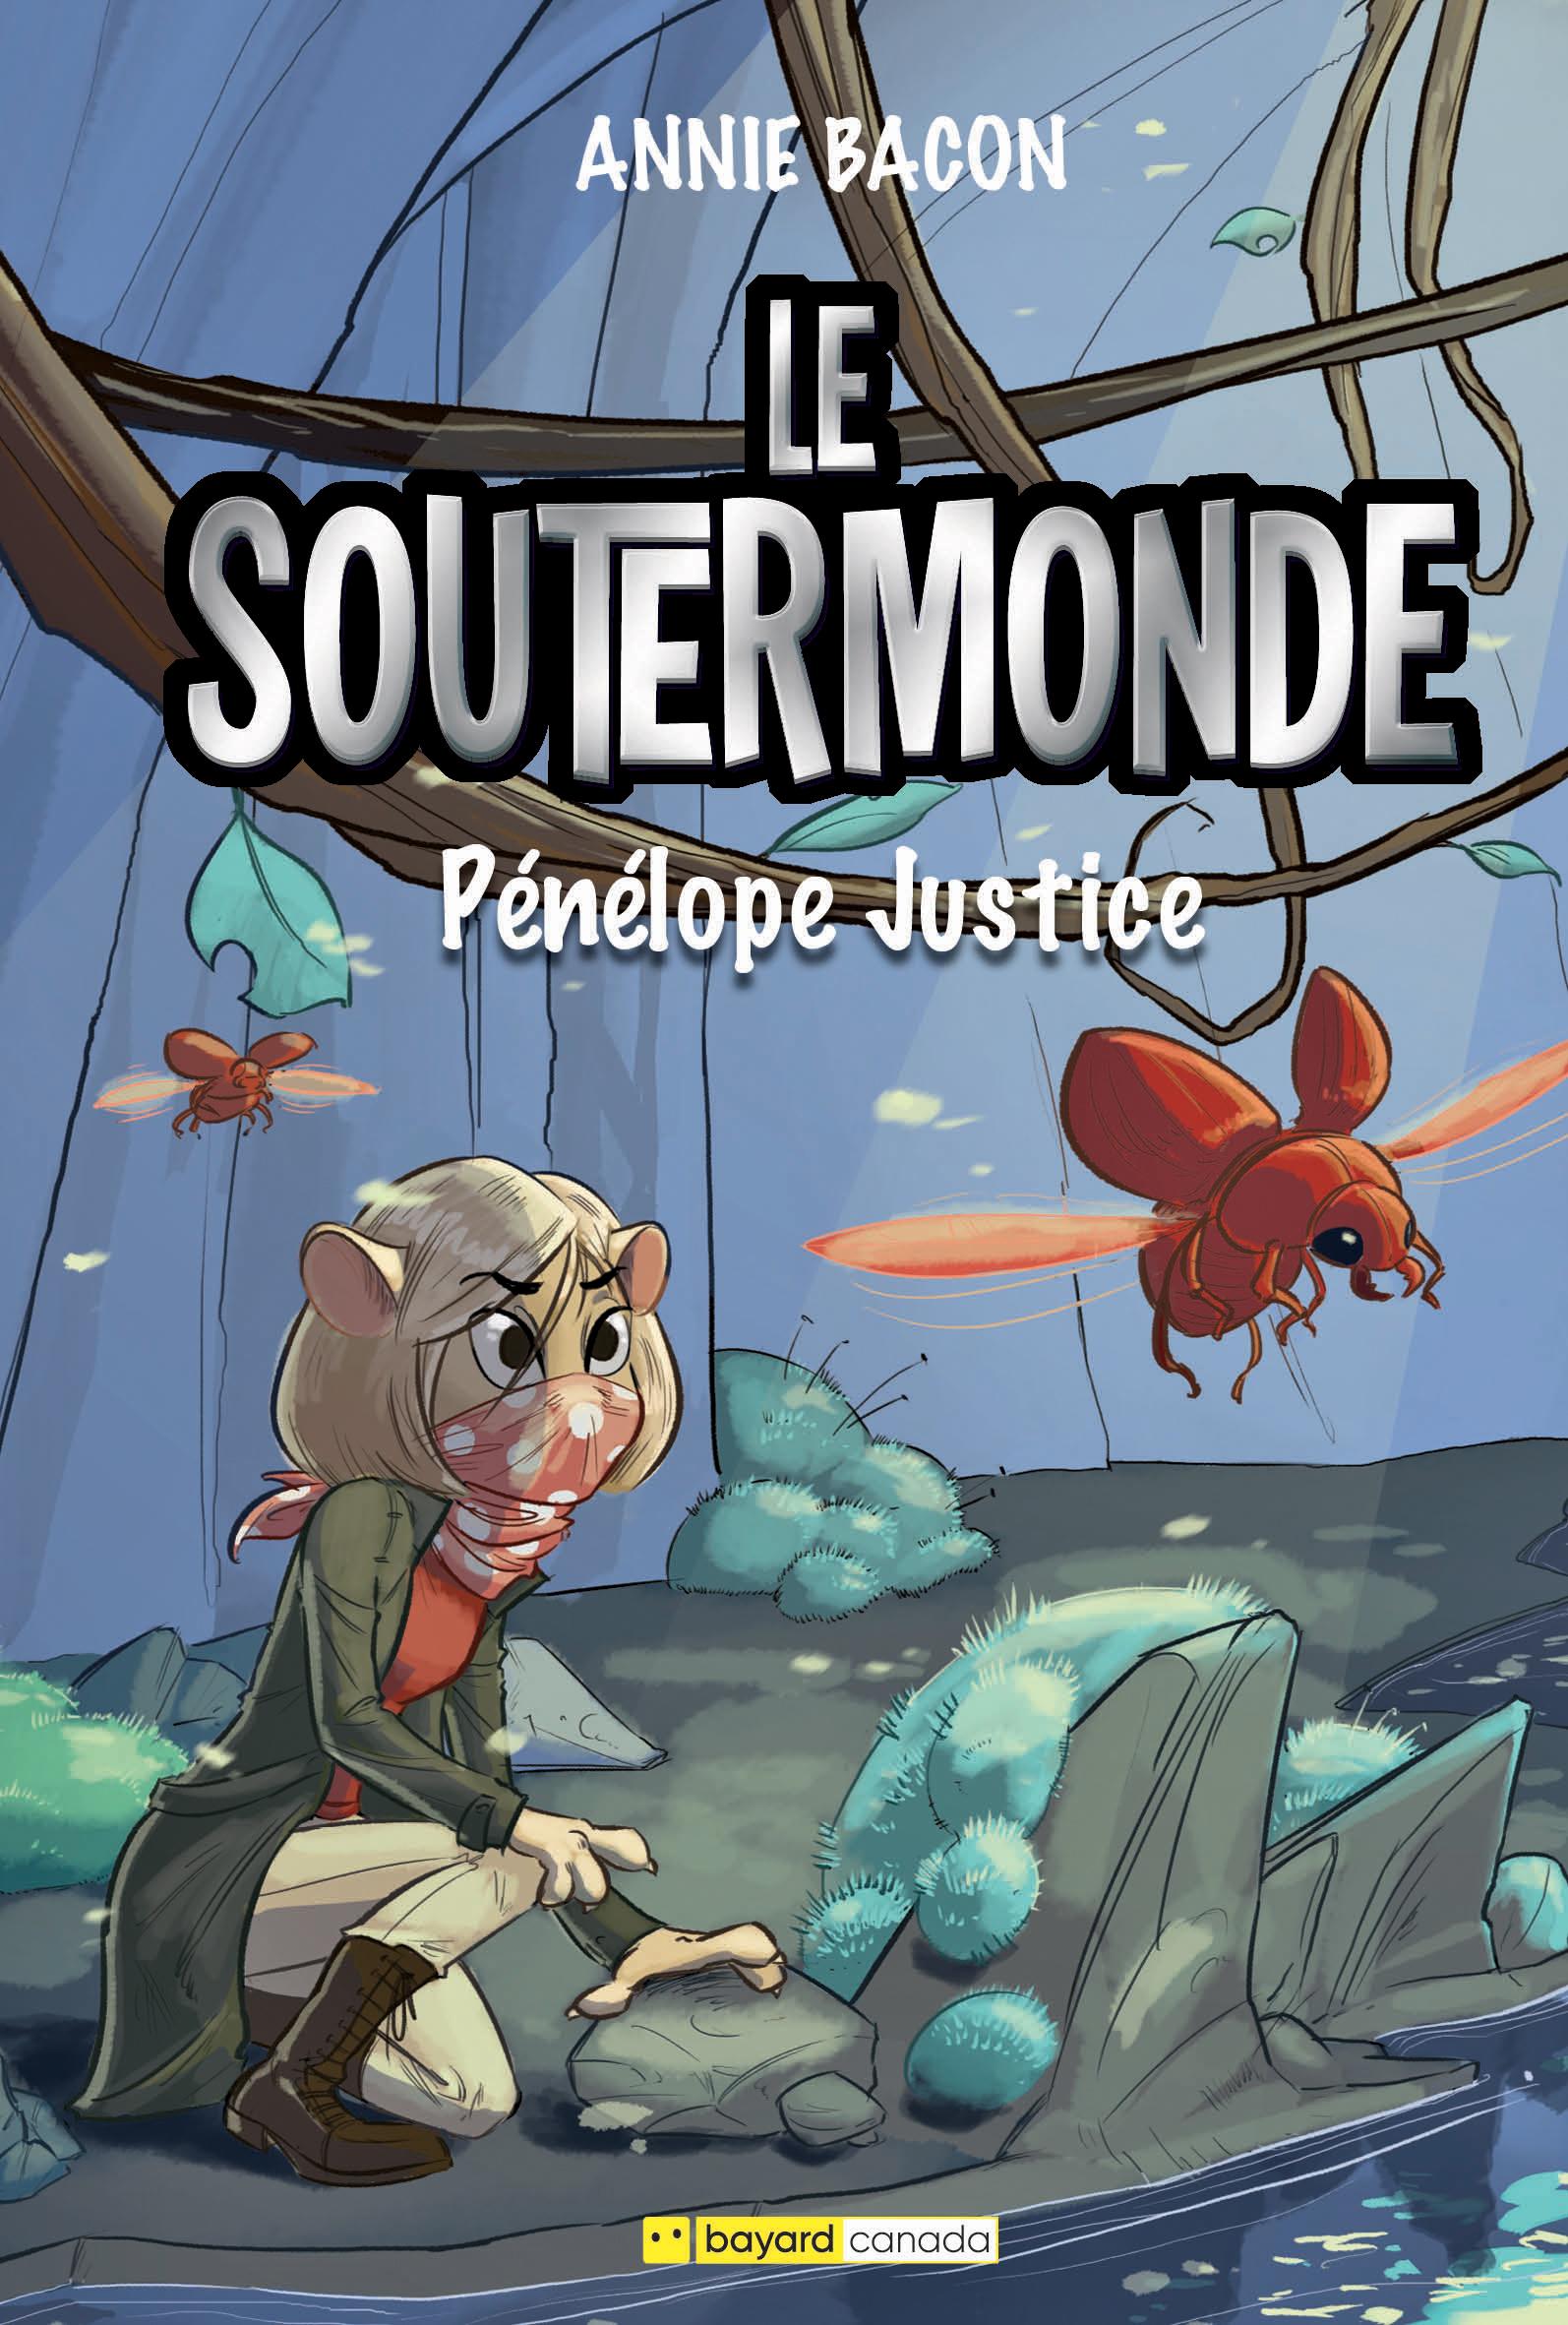 penelope justice